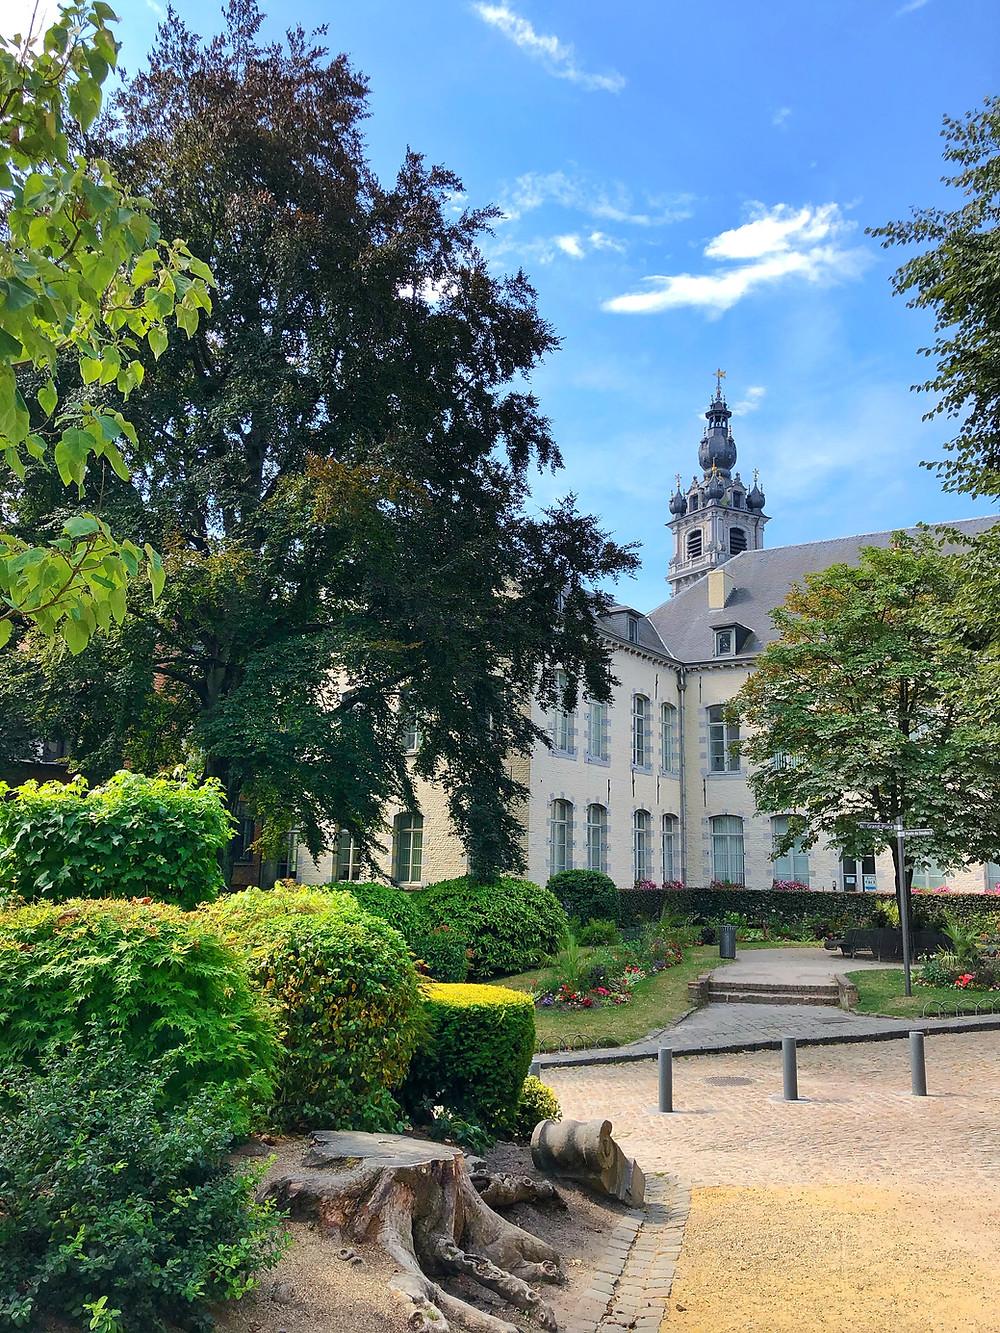 Mayor's Garden Mons Belgium